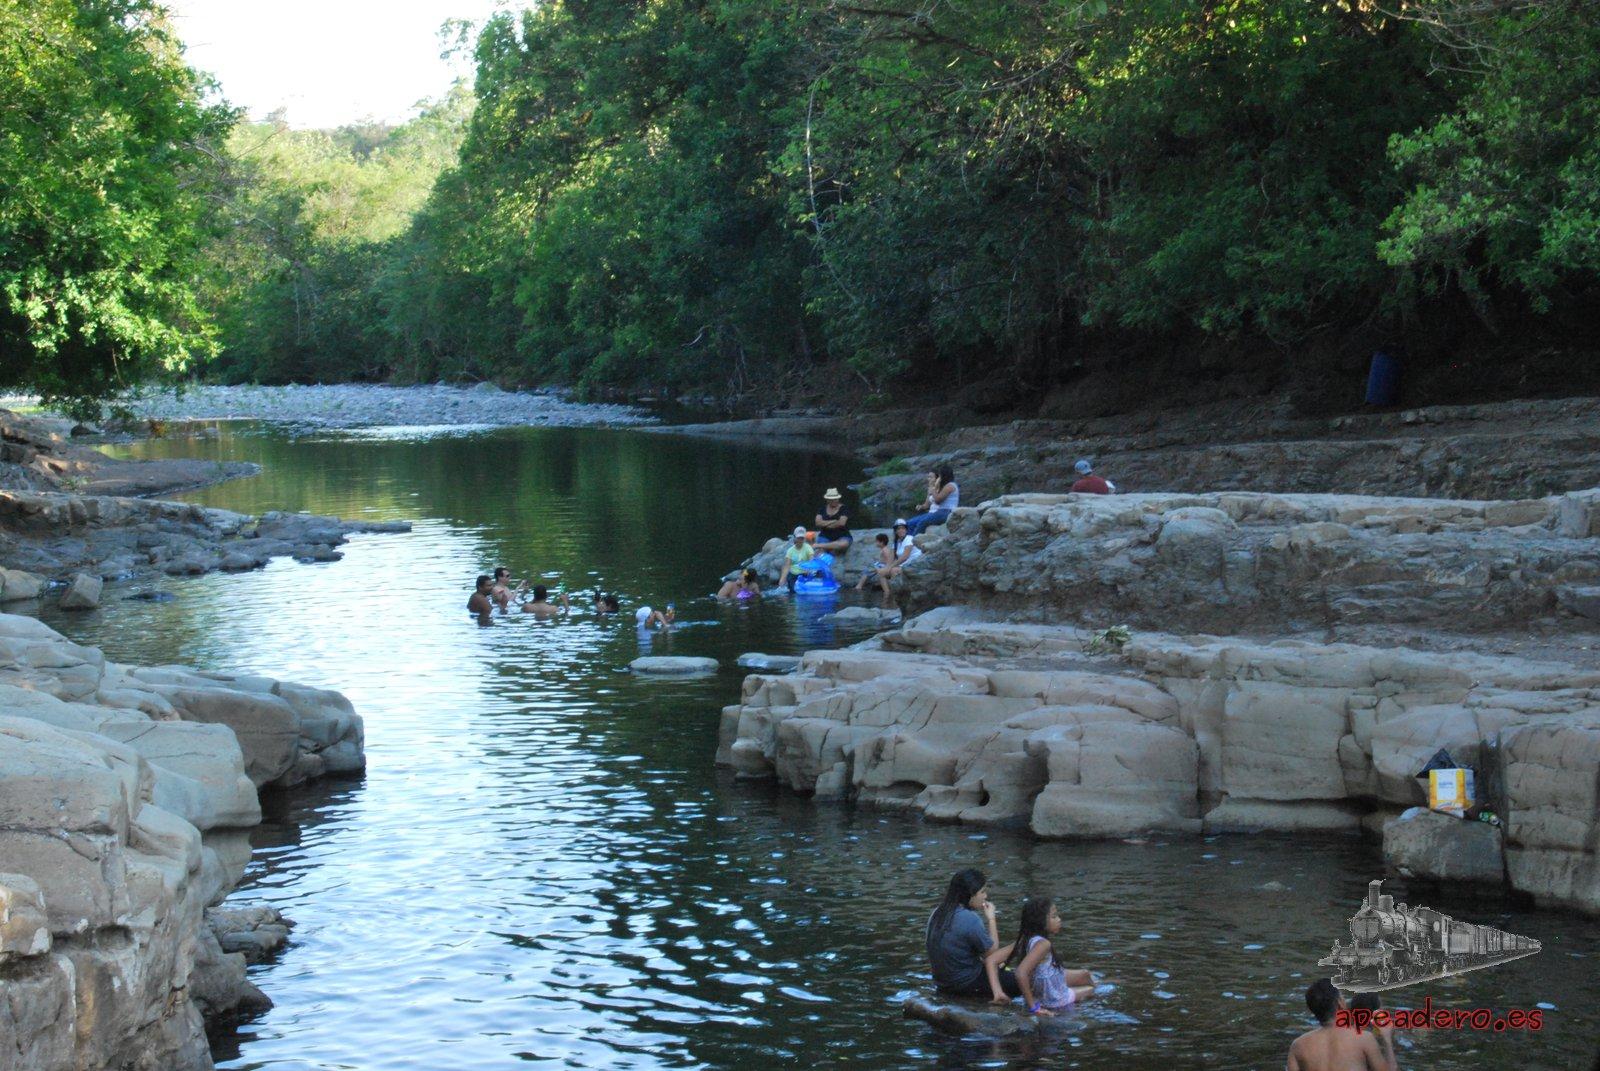 A las familias de la zona les encanta venir y monar un picnic en el río, así que es bastante probable que no te encuentres solo.